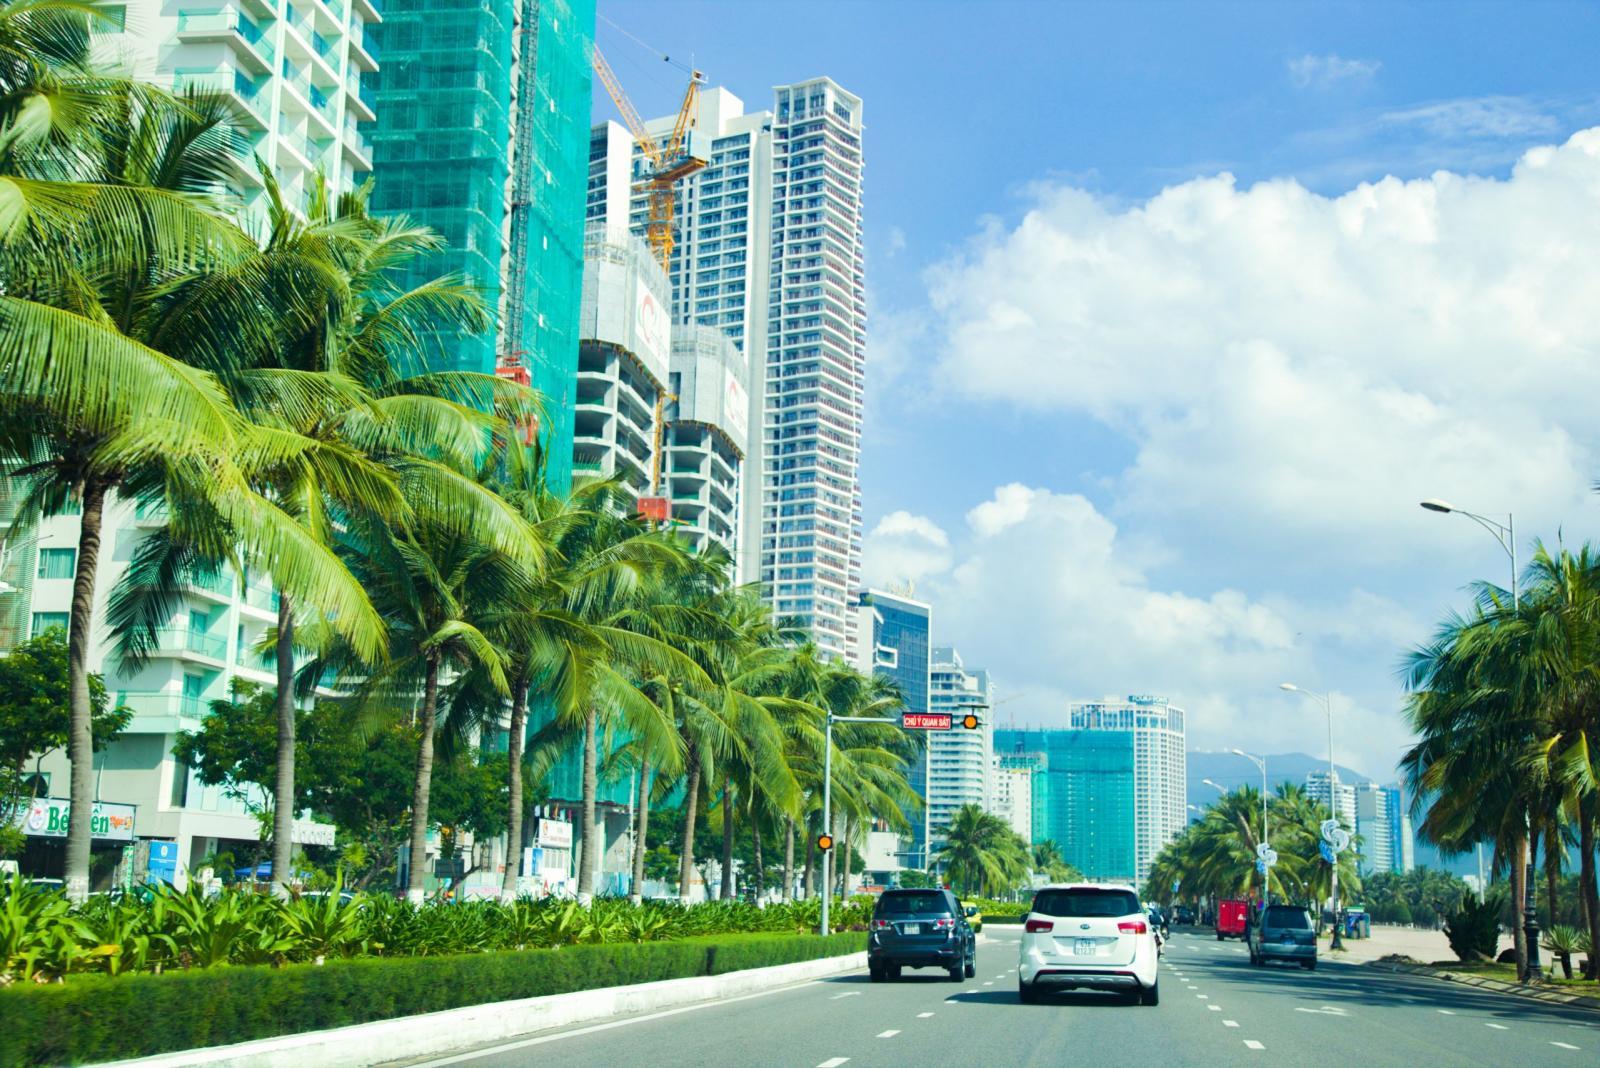 Ảnh chụp một đoạn đường có vài chiếc ô tô đi lại, bên đường là hàng dừa xanh mát và các tòa nhà cao tầng